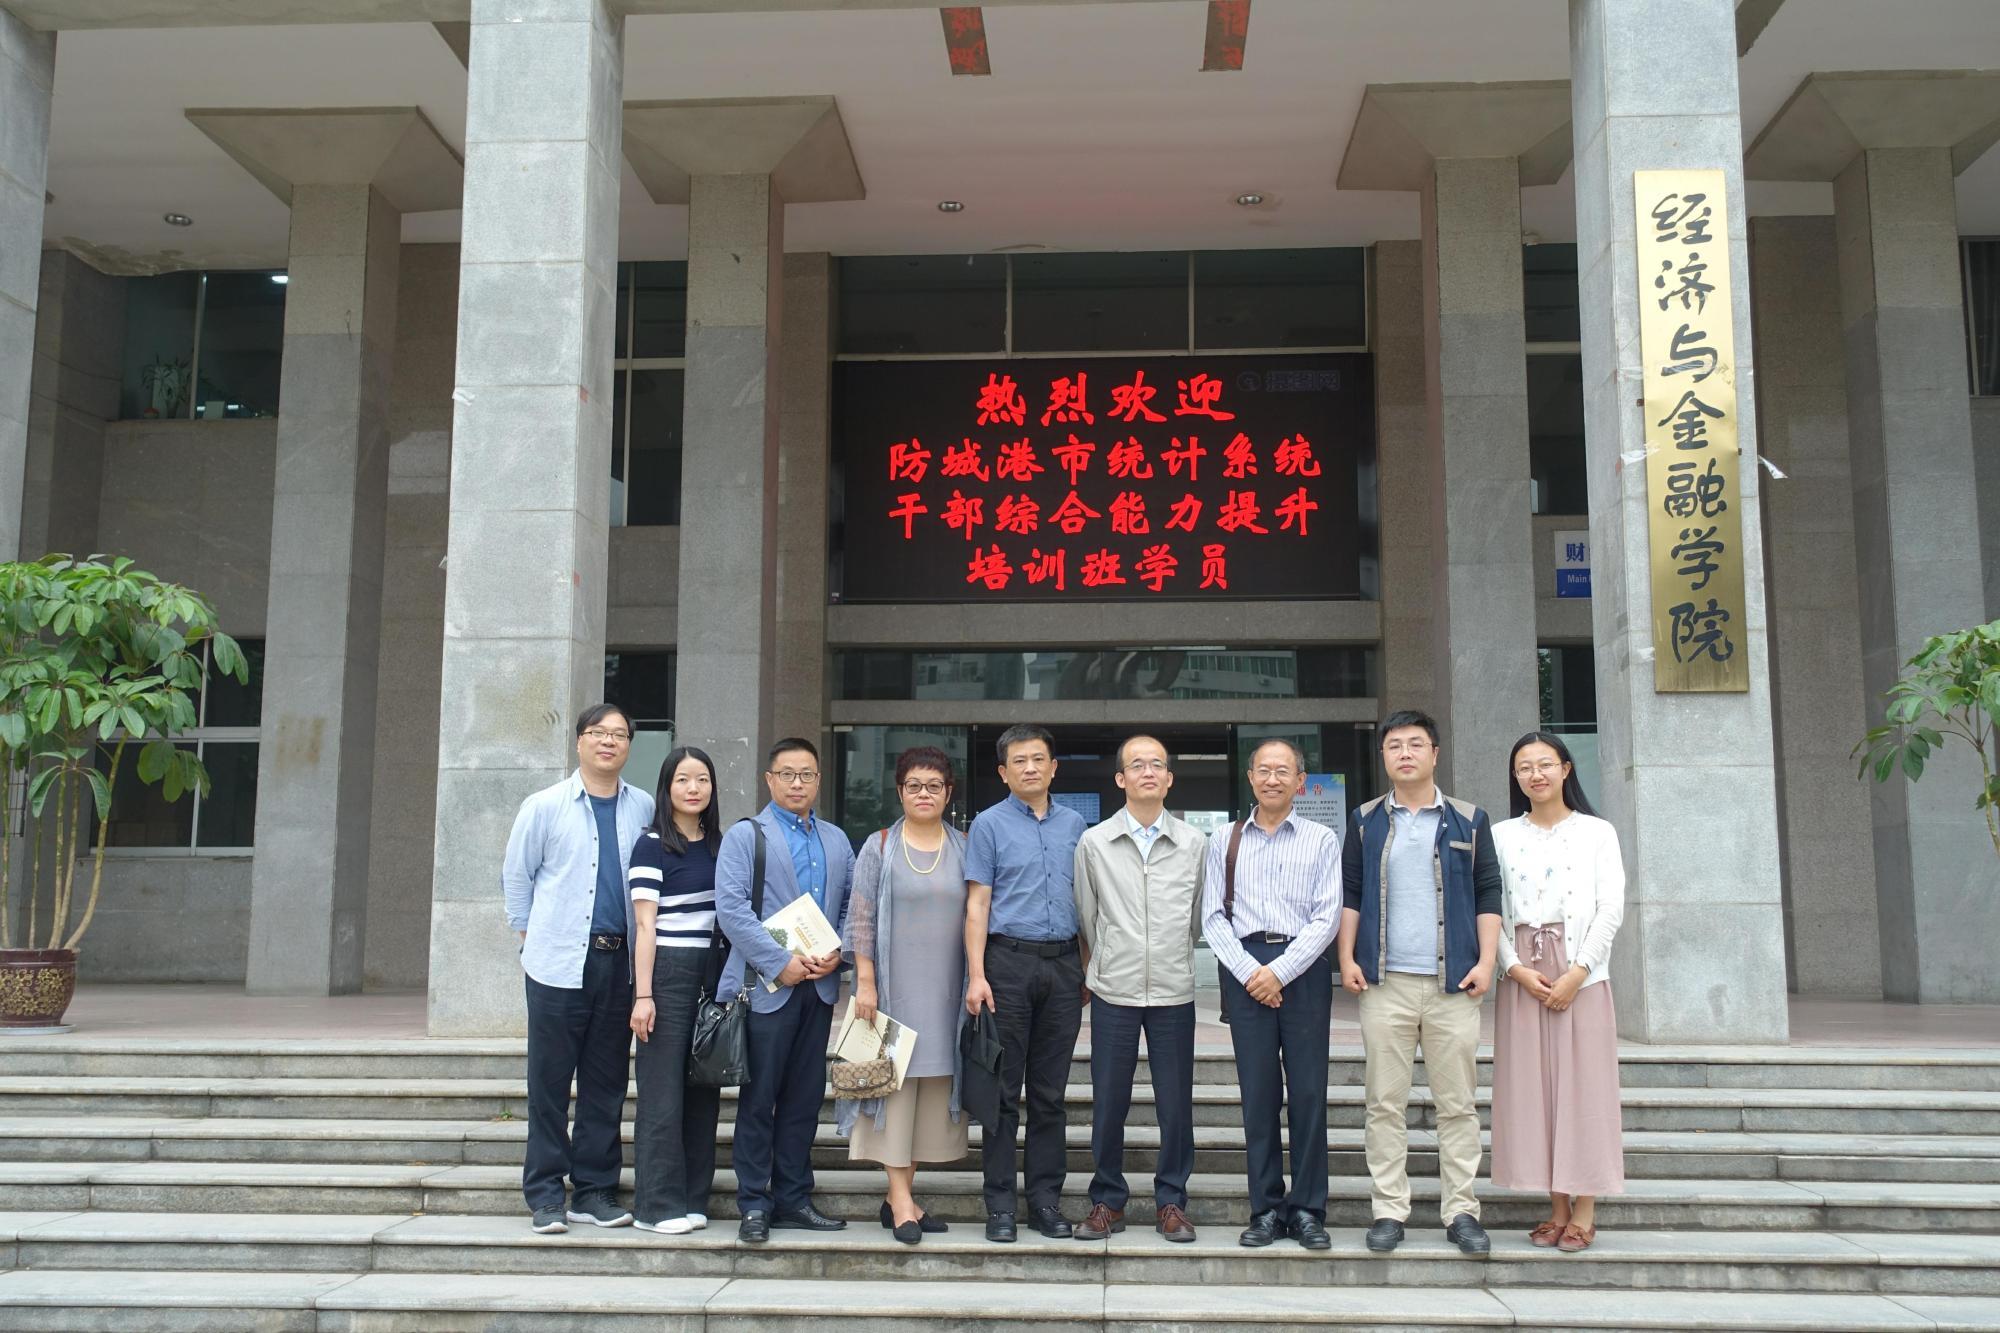 浙江工商大学经济学院王永齐副院长一行到访学院